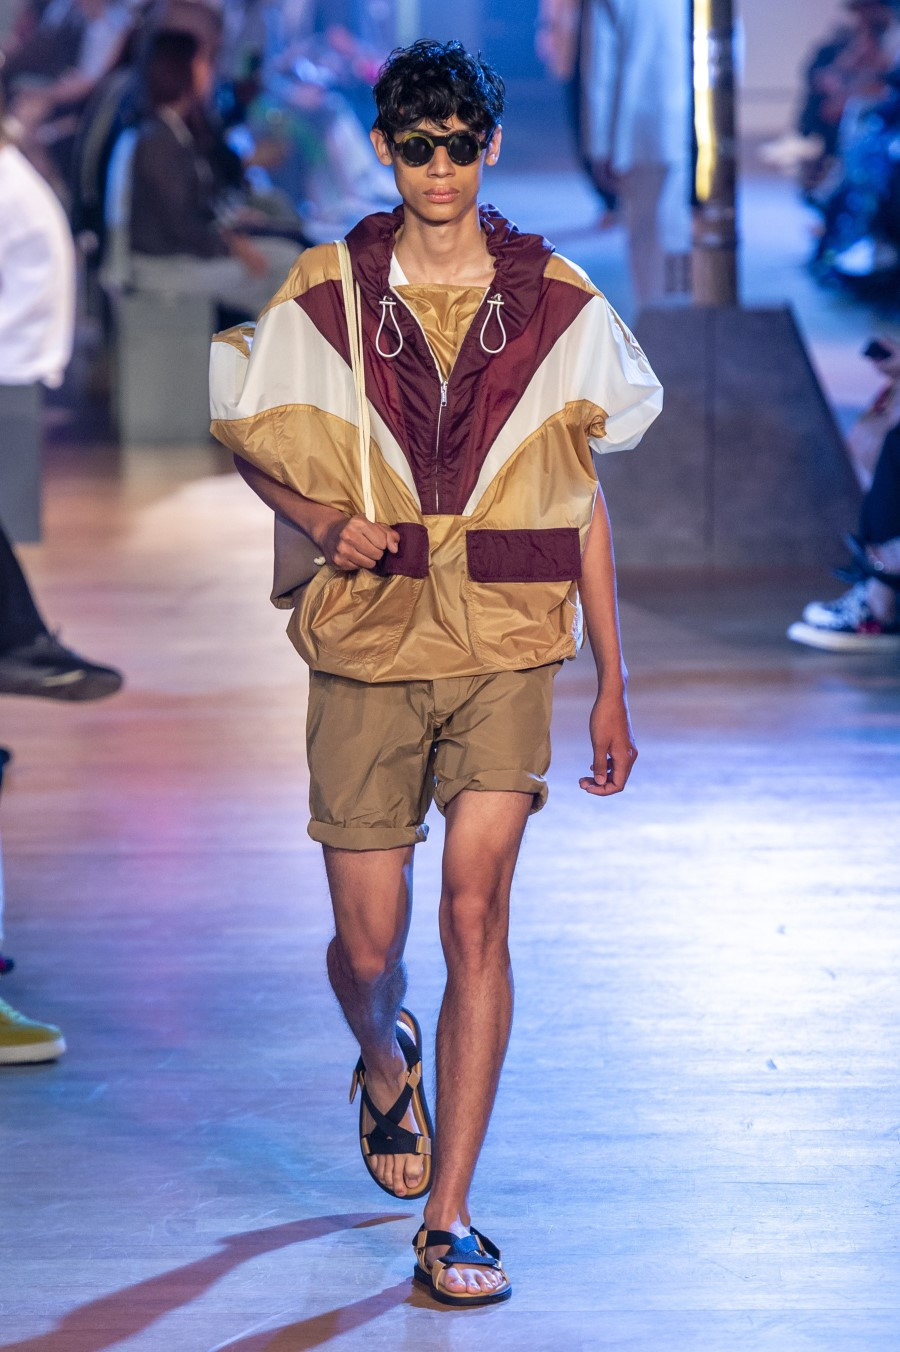 Cerruti 1881 Spring/Summer 2019 - Paris Fashion Week